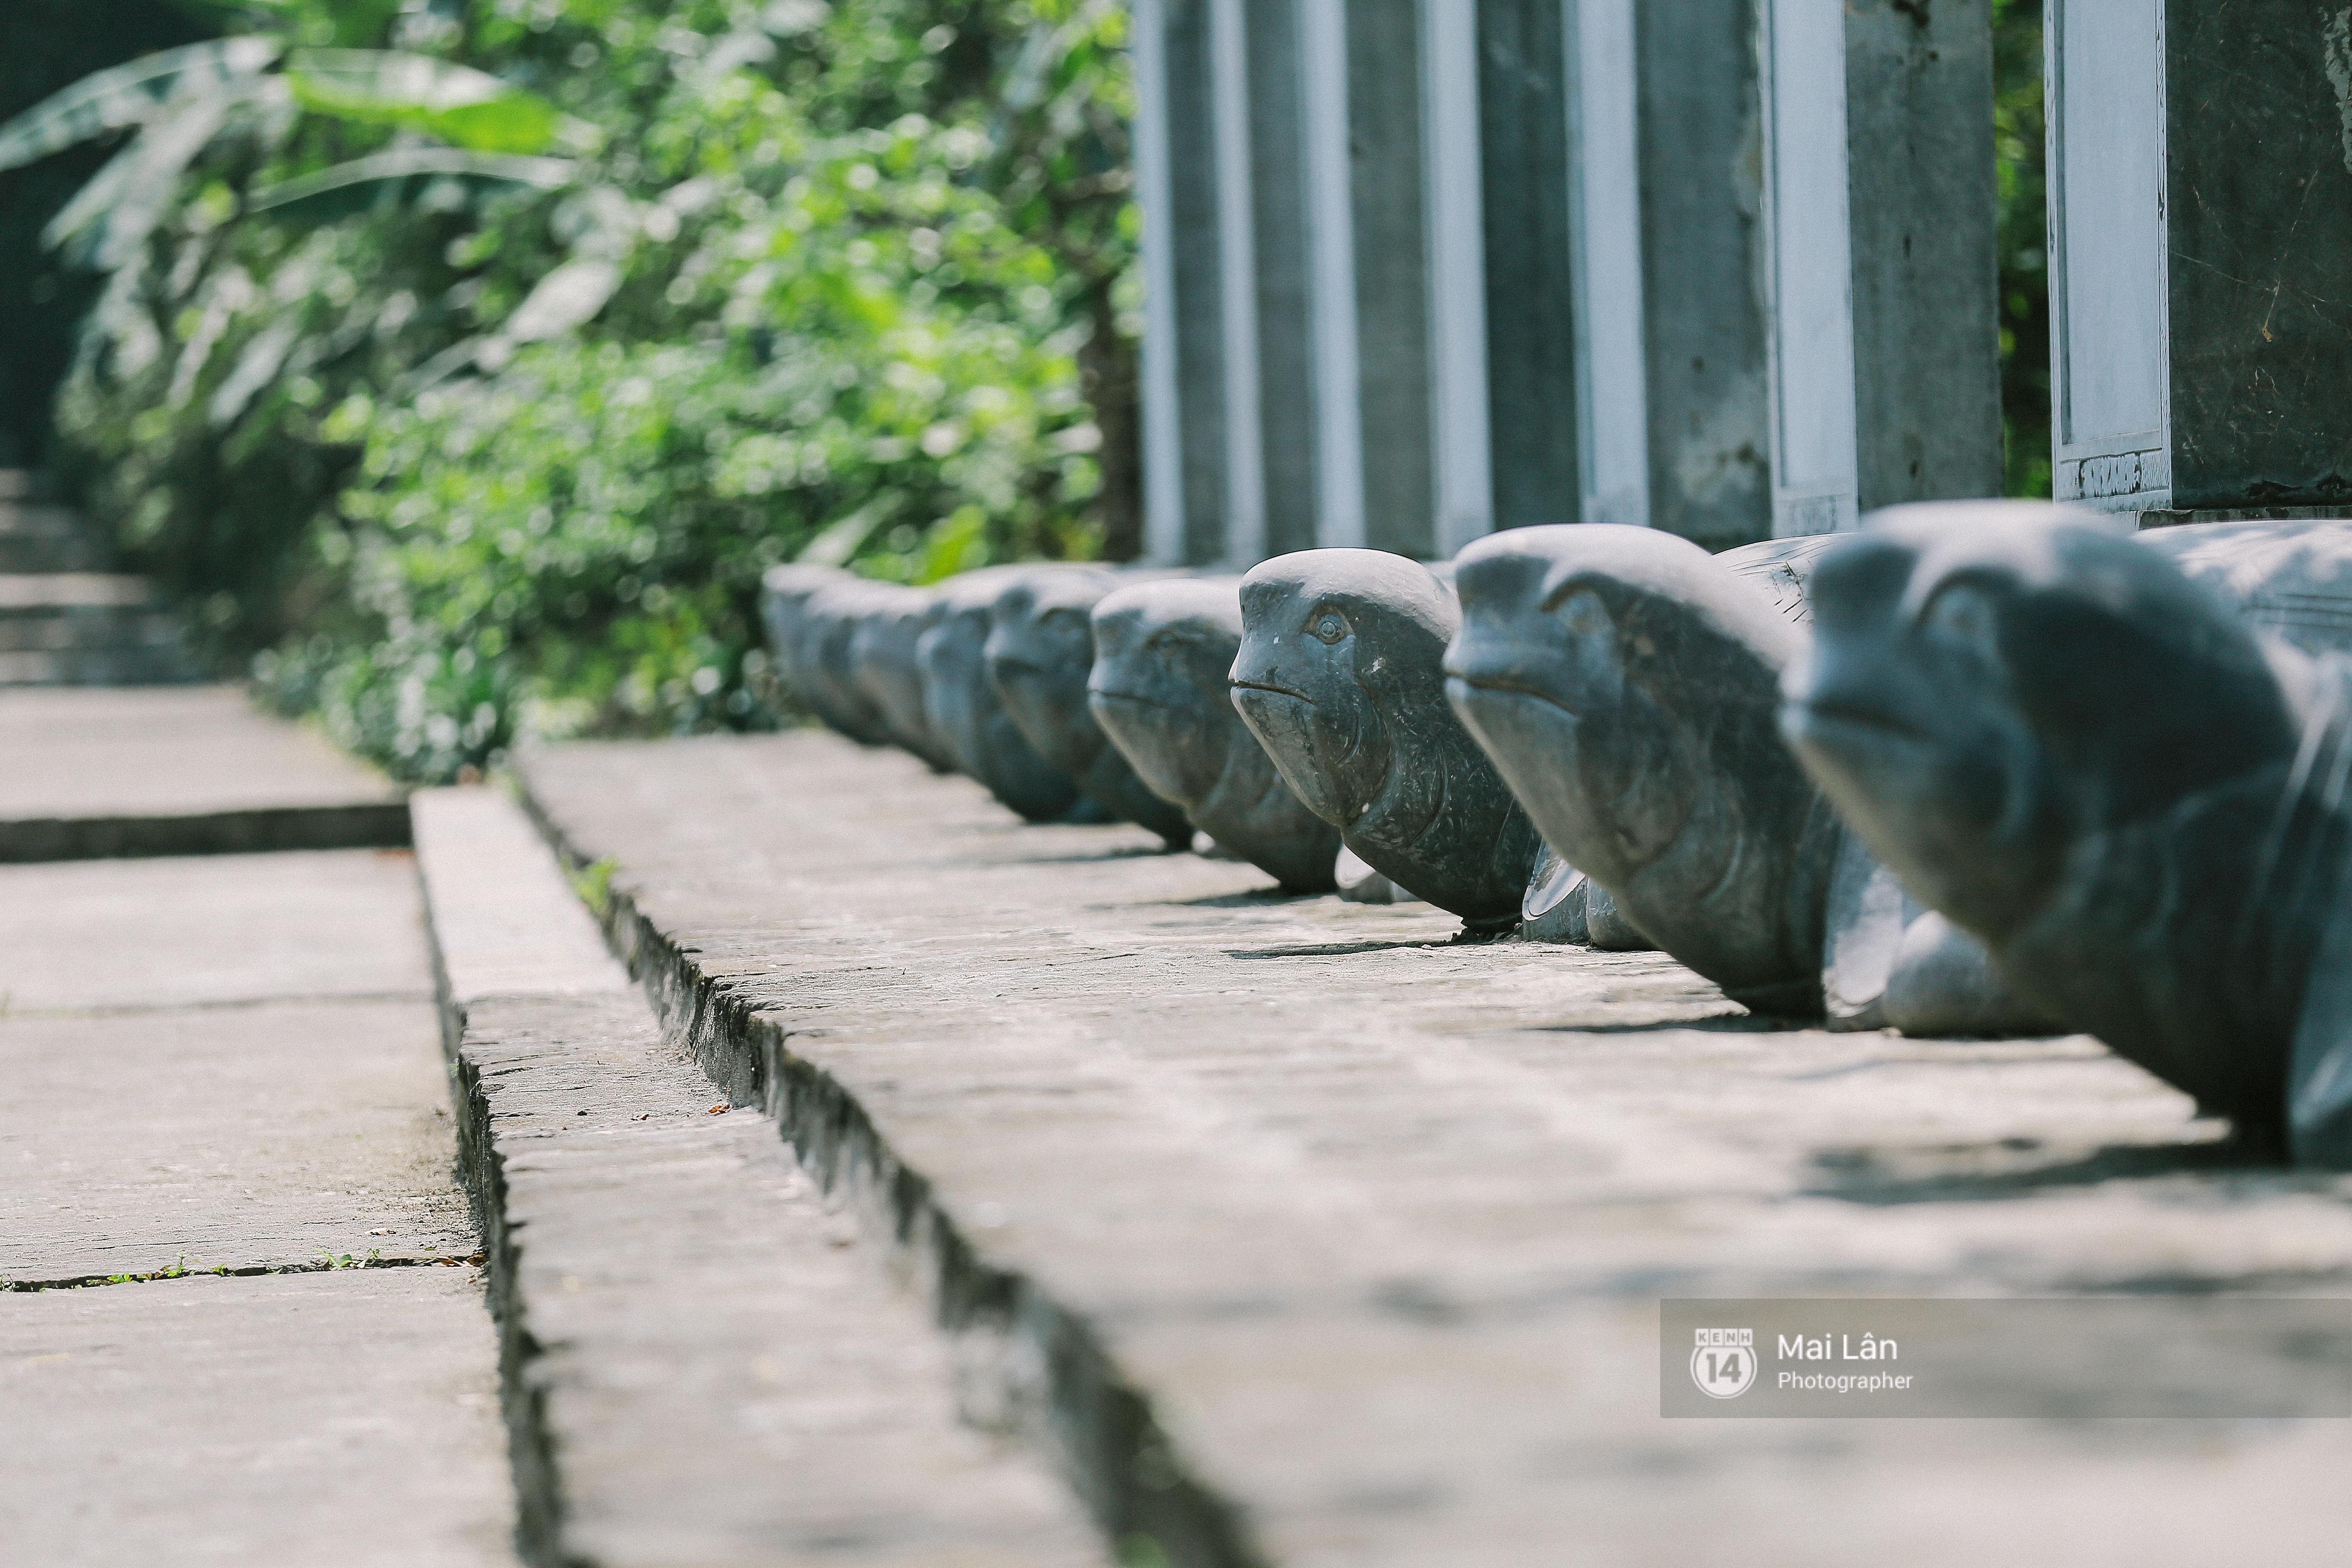 Cuối cùng cũng phục dựng xong, giờ tới Ninh Bình nhất định phải ghé làng thổ dân trong phim Kong! - Ảnh 7.